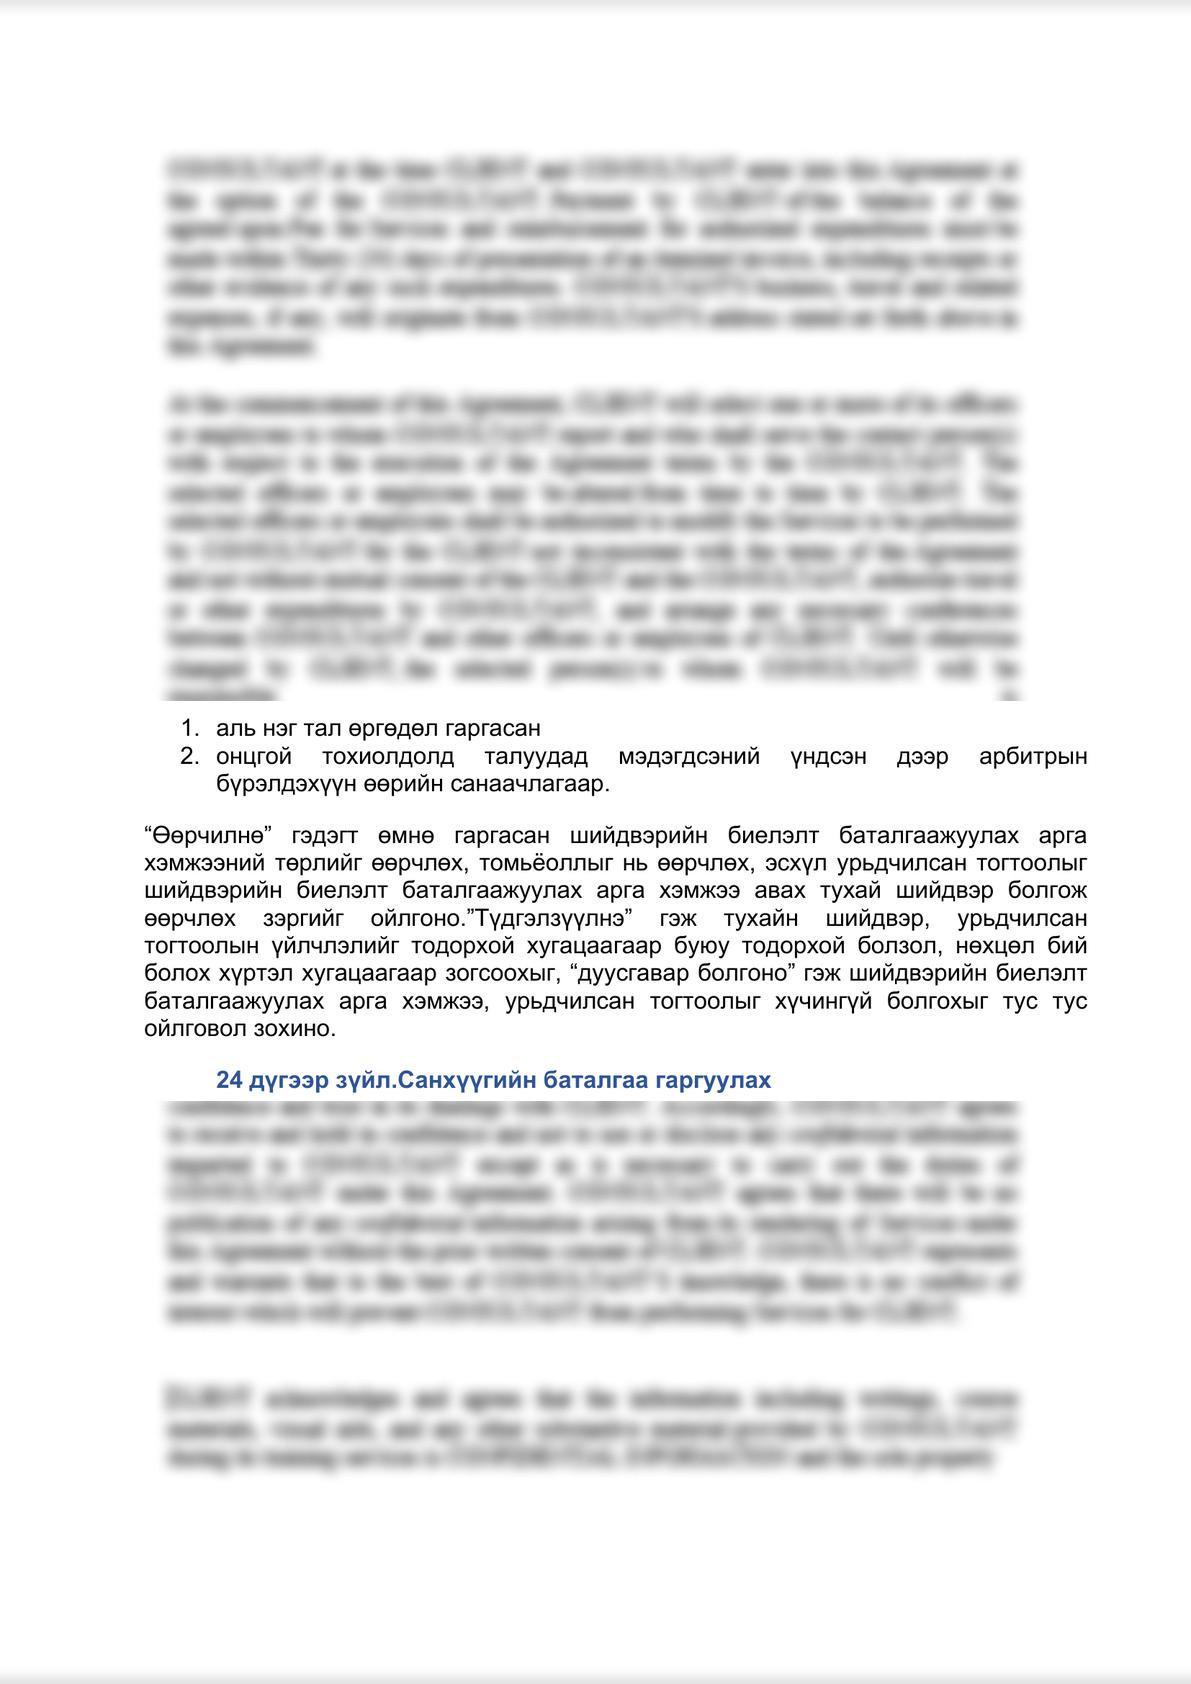 Арбитрын тухай хуулийн тайлбар (Commentary on Mongolian Law on Arbitration)-6